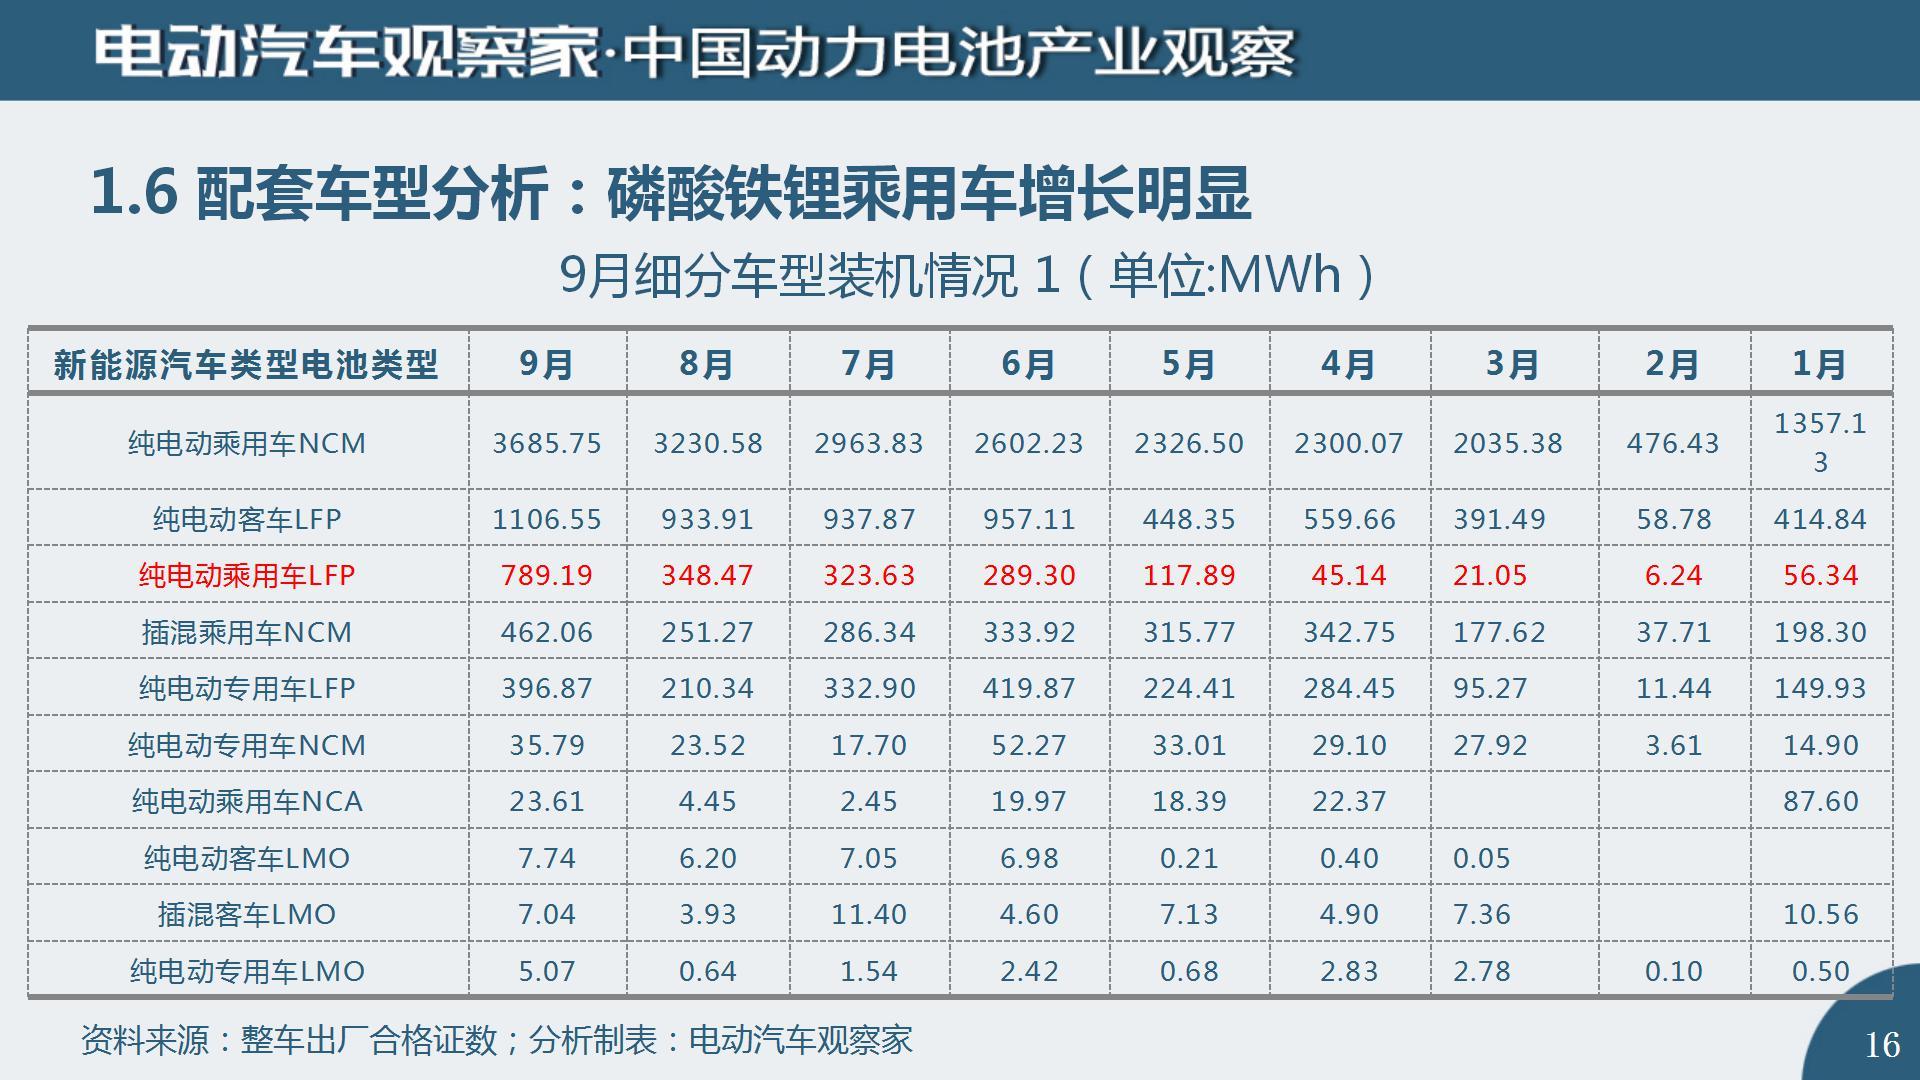 中国动力电池产业观察2020年9月_16